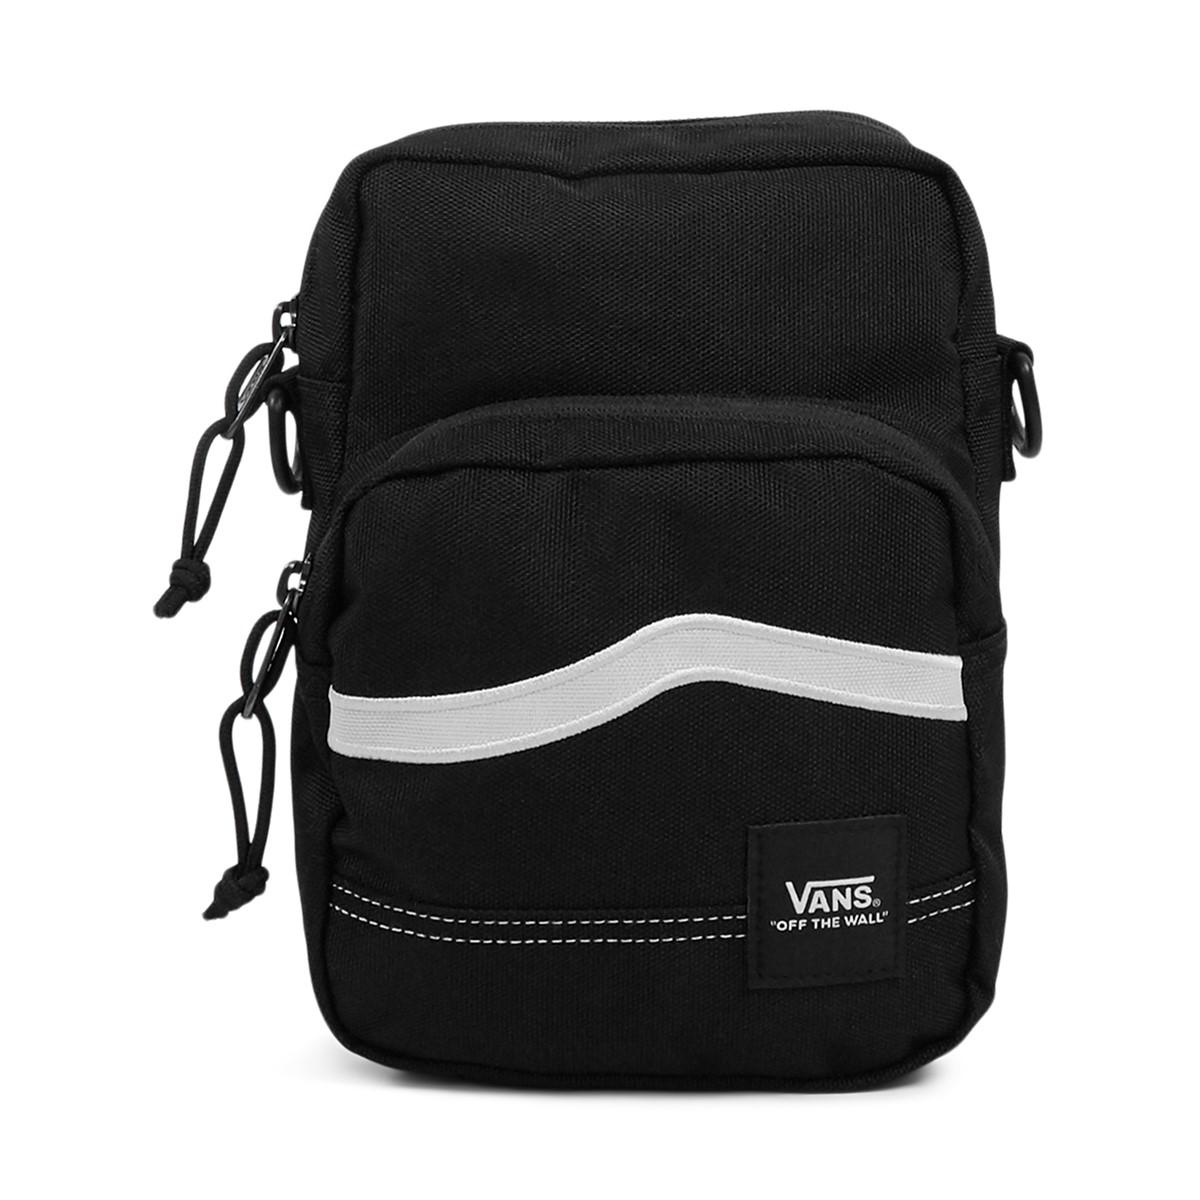 Construct Shoulder Bag in Black/White